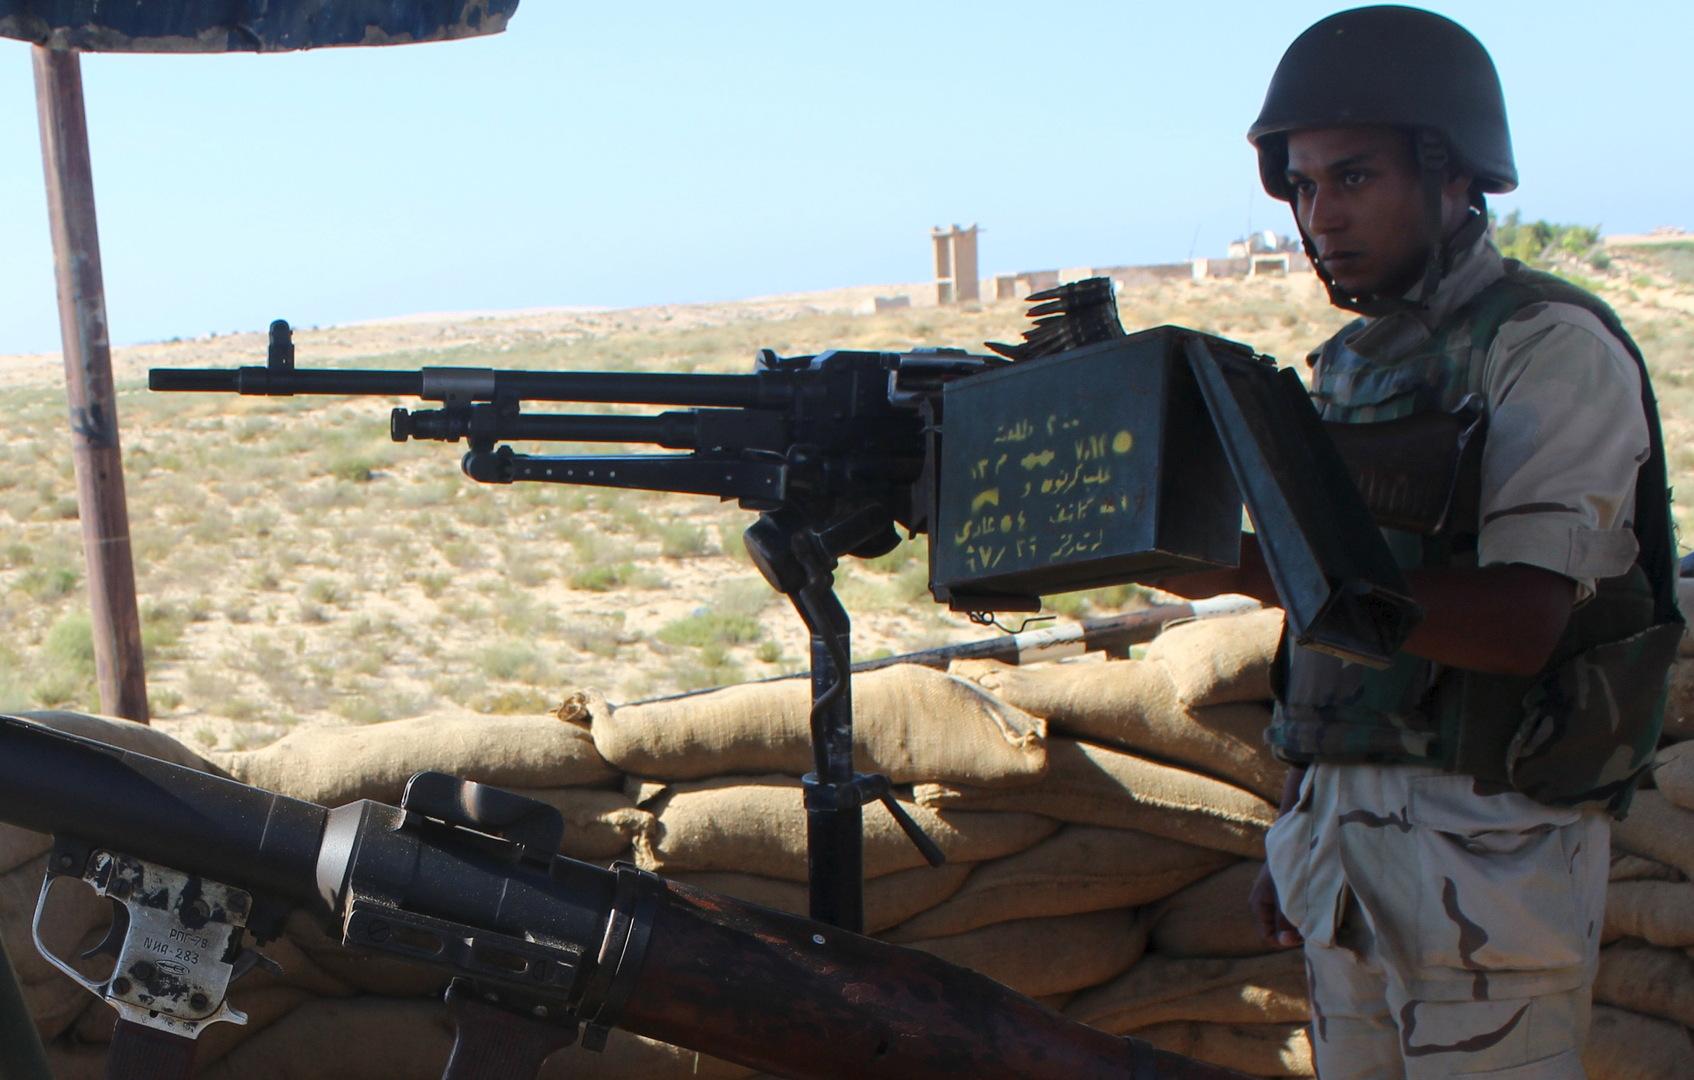 الجيش المصري يعلن مقتل 19 مسلحا خلال حملته في سيناء